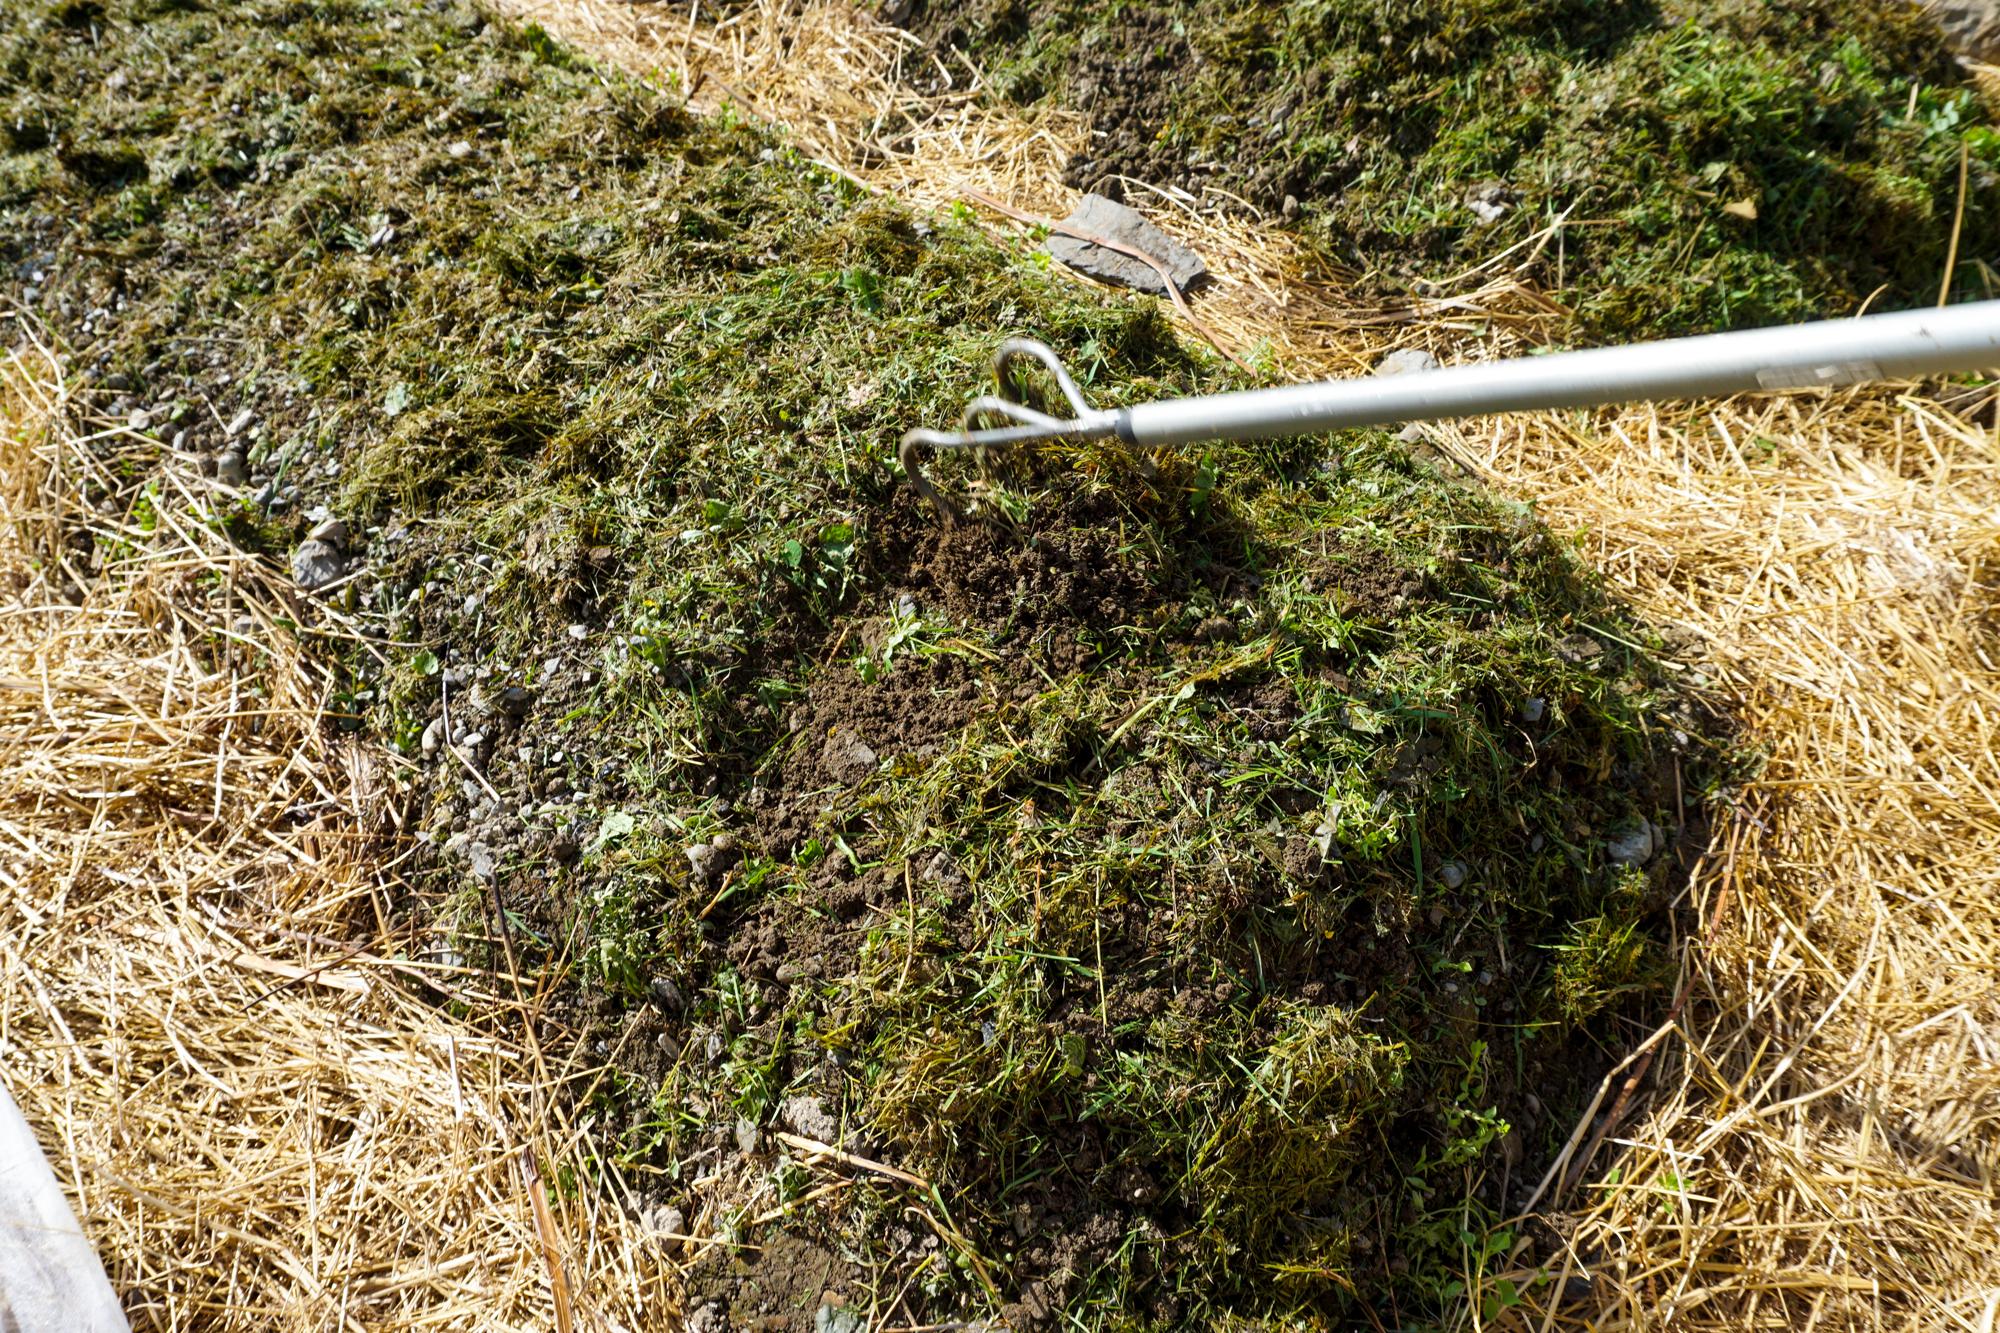 Vår jord er leirholdig og danner fort en hard skorpe. Blander derfor litt gress inn i overflaten før vi dekker.